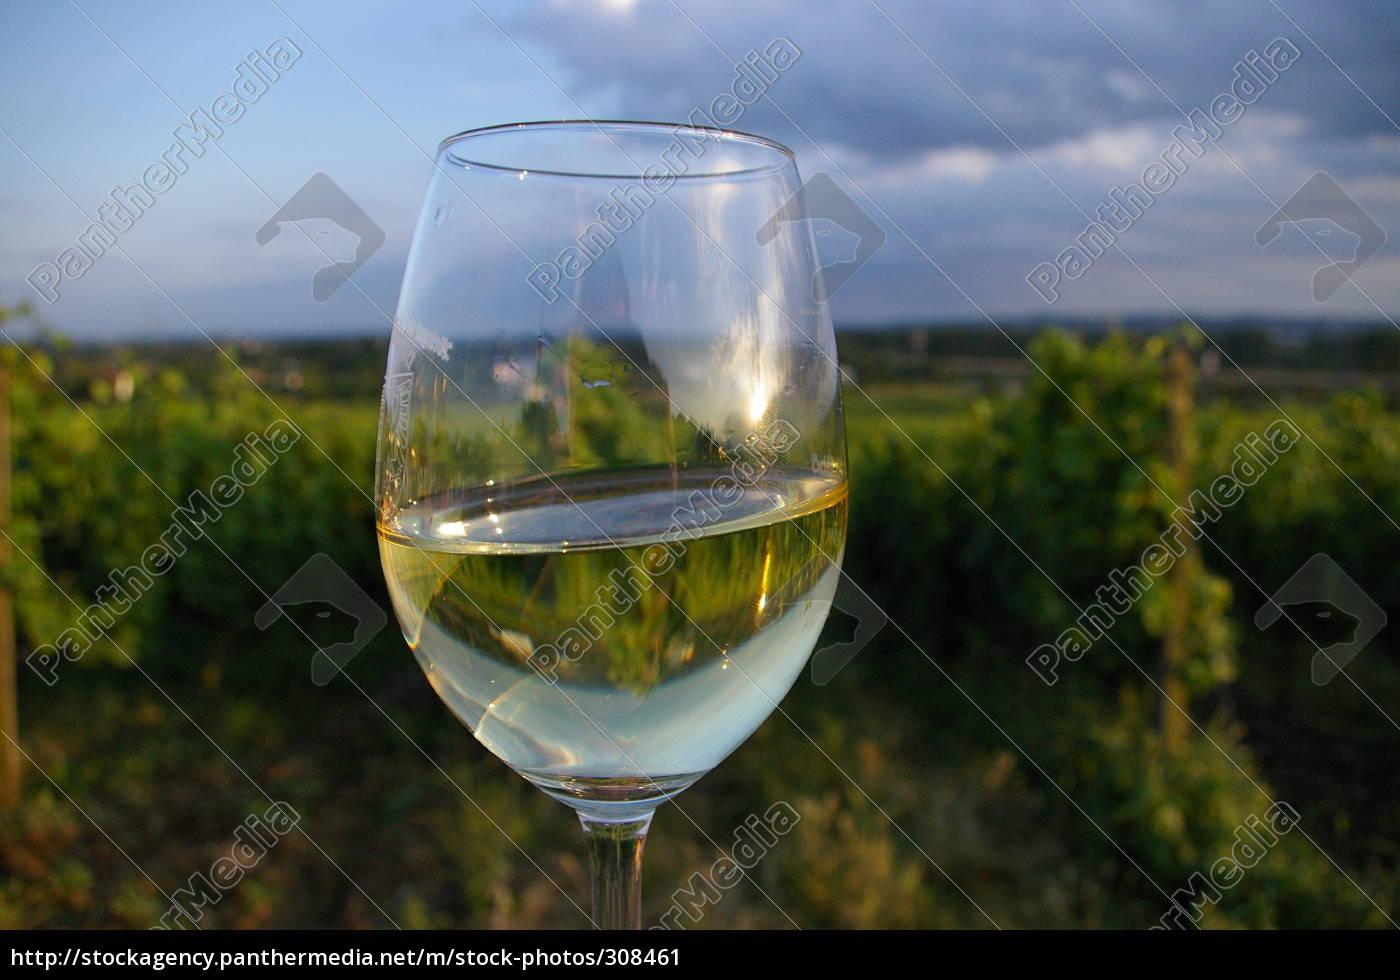 wine, glass - 308461